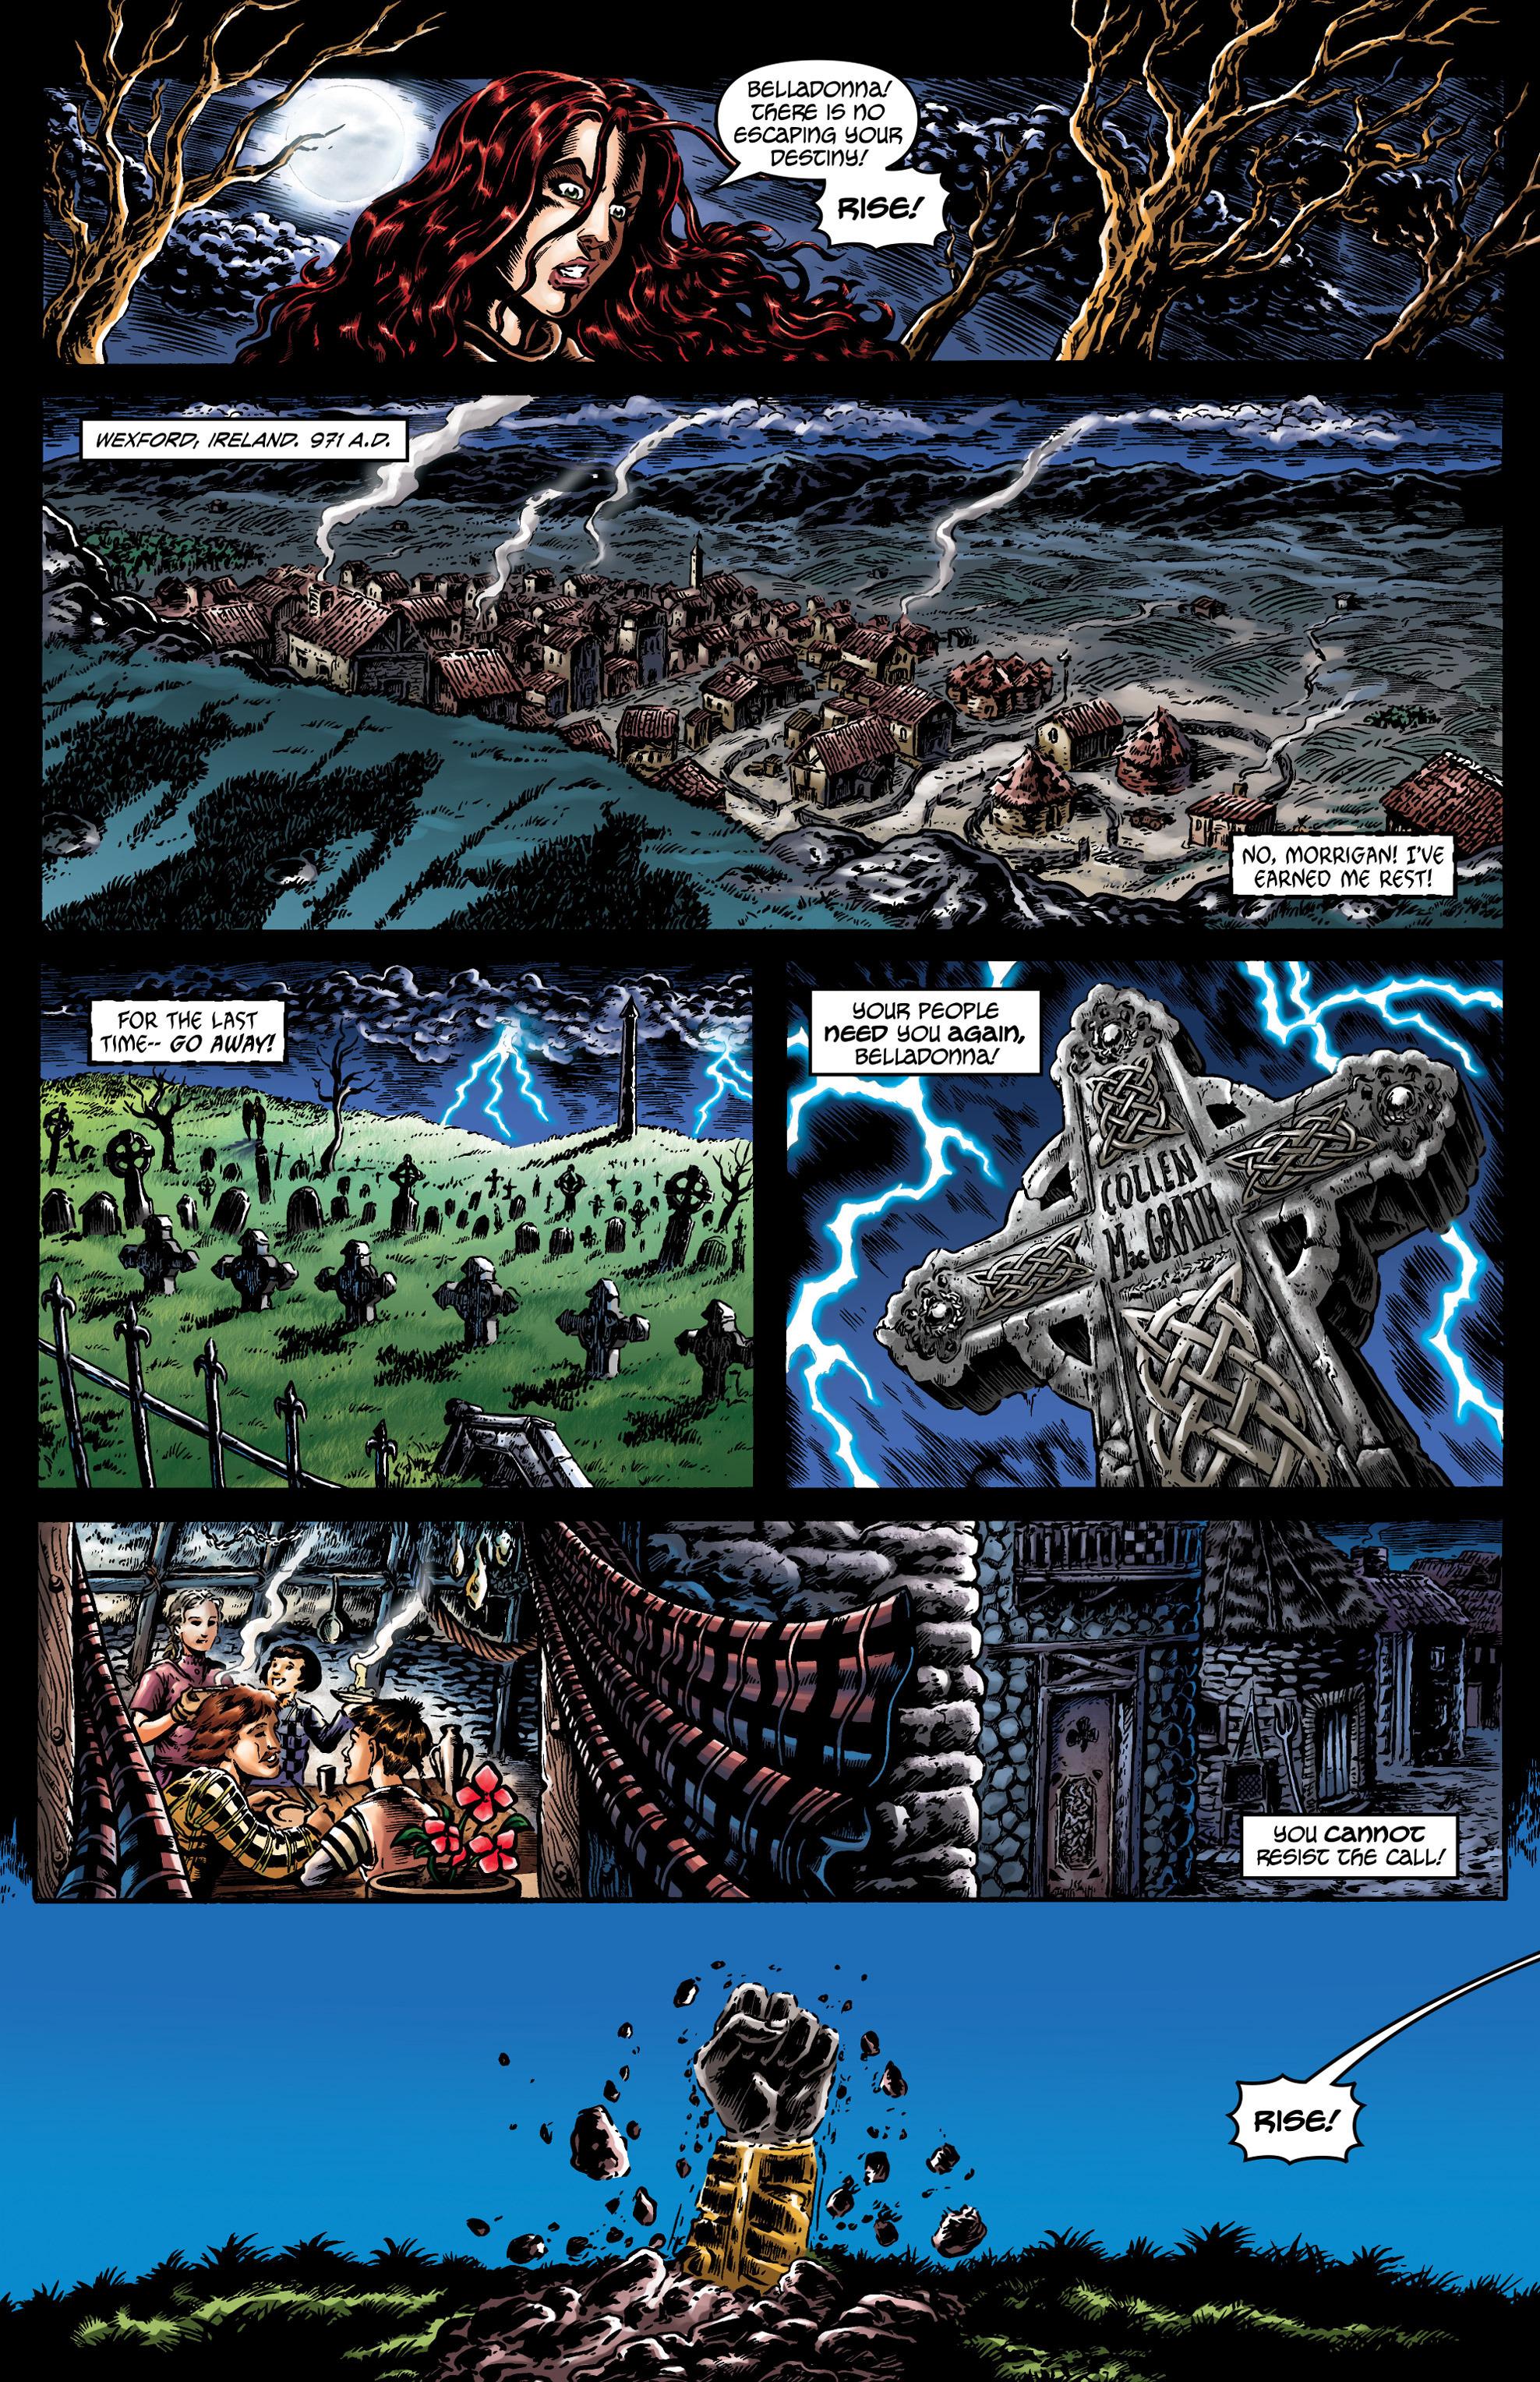 Read online Belladonna comic -  Issue #0 - 26